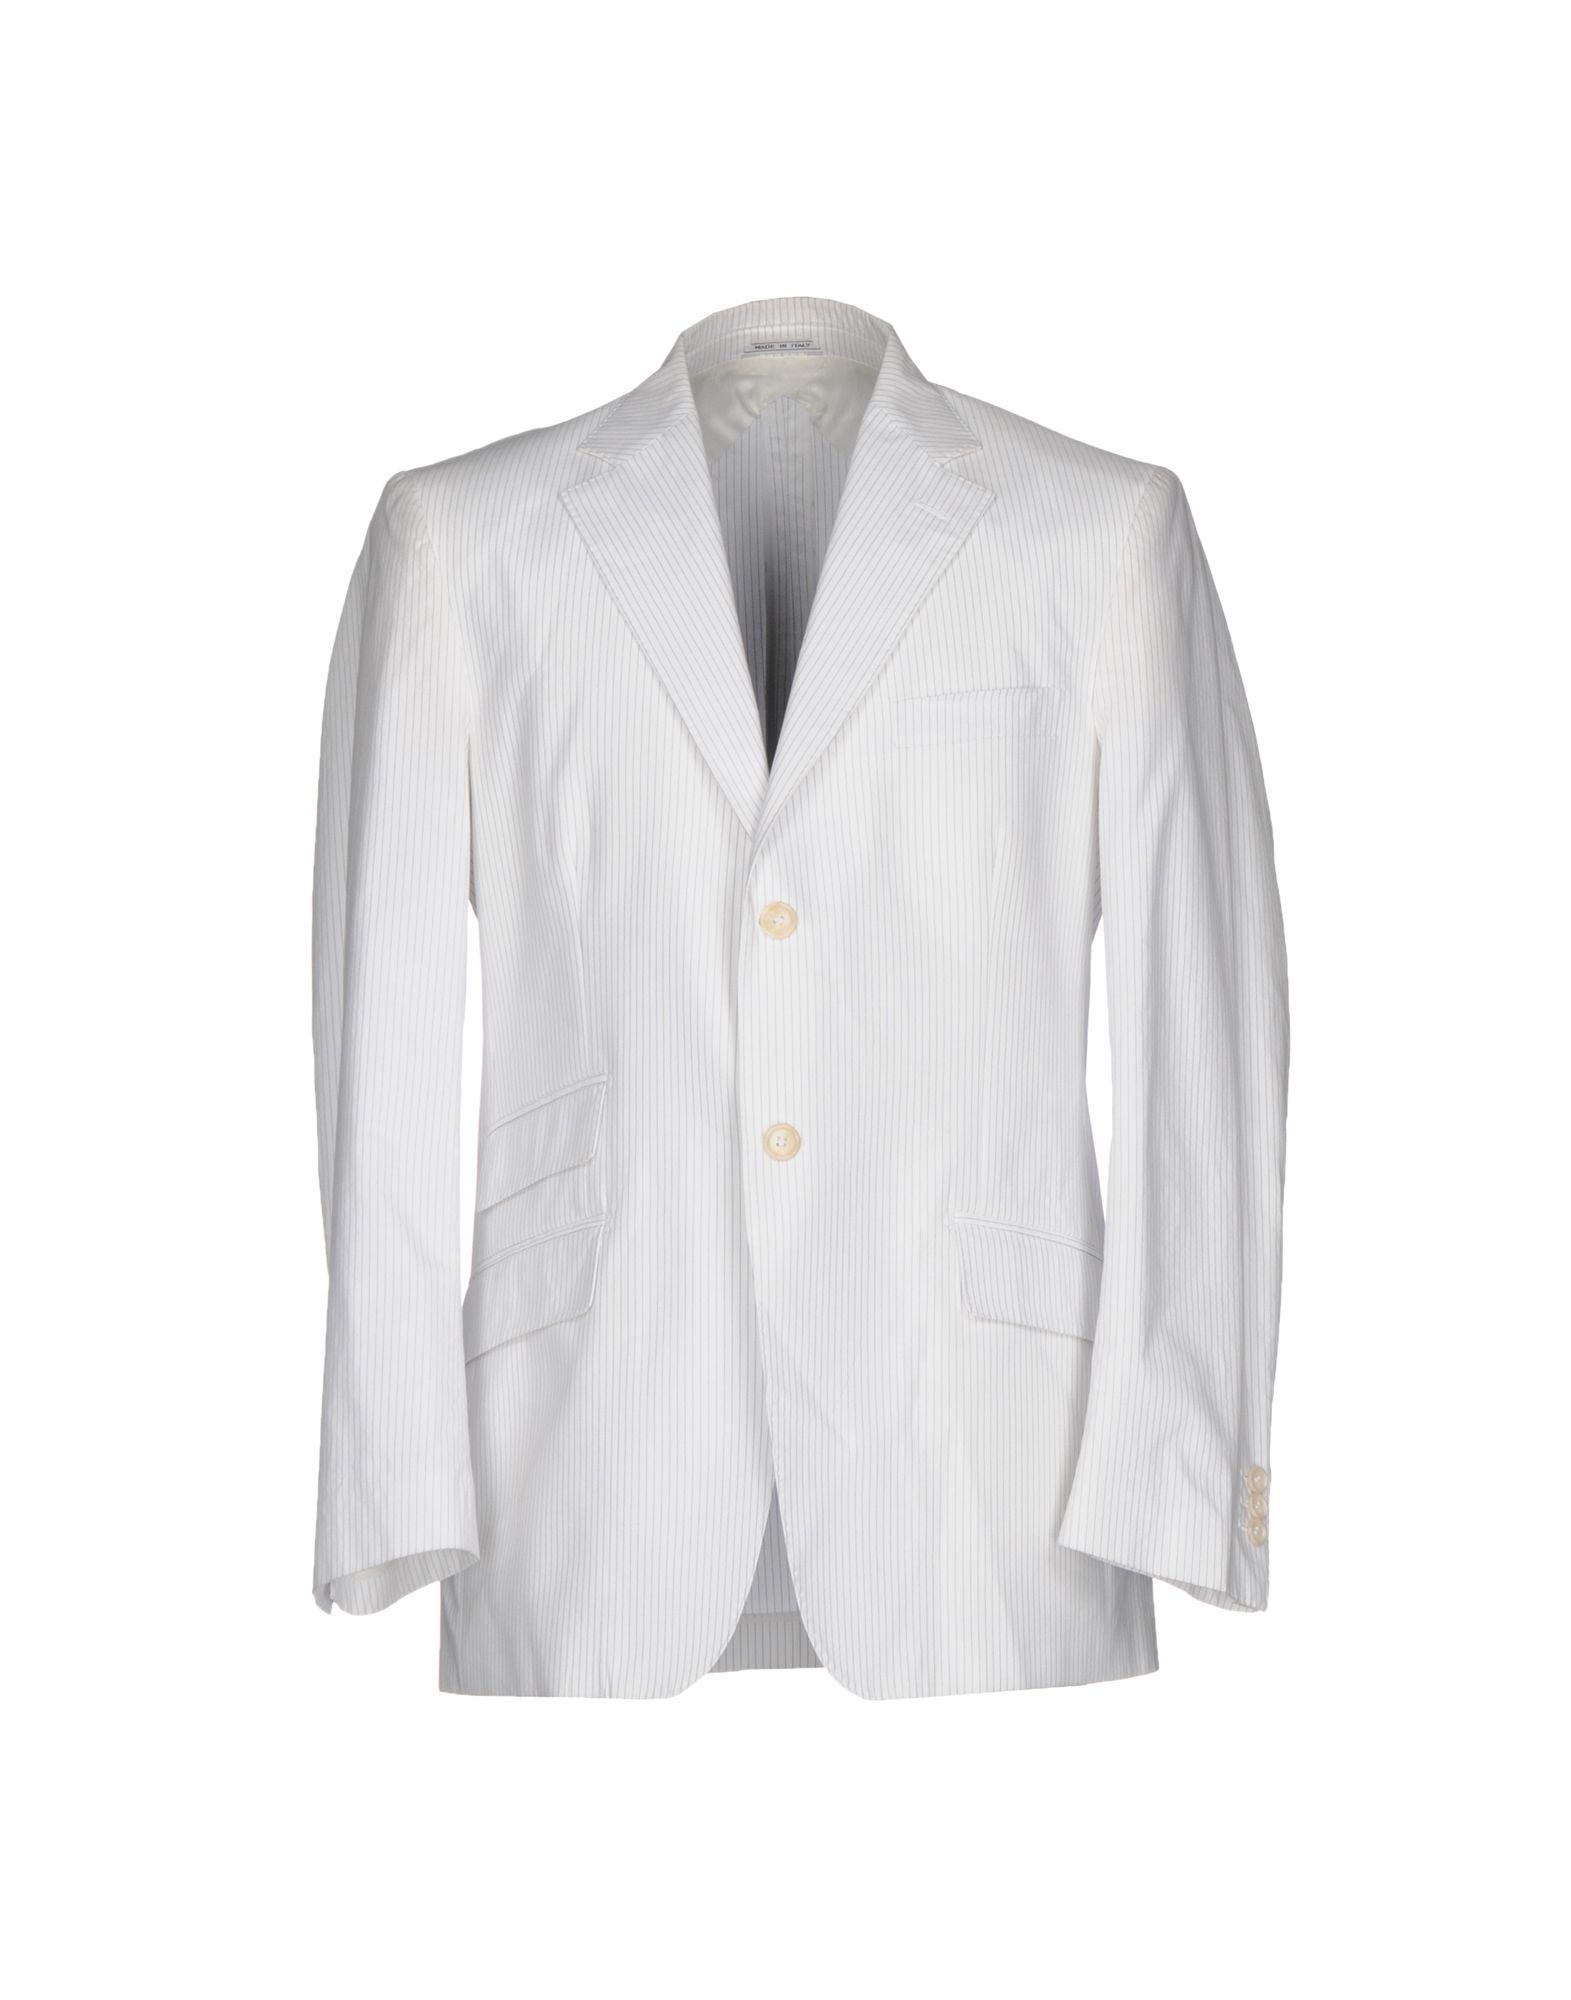 MONTEZEMOLO Blazer in White